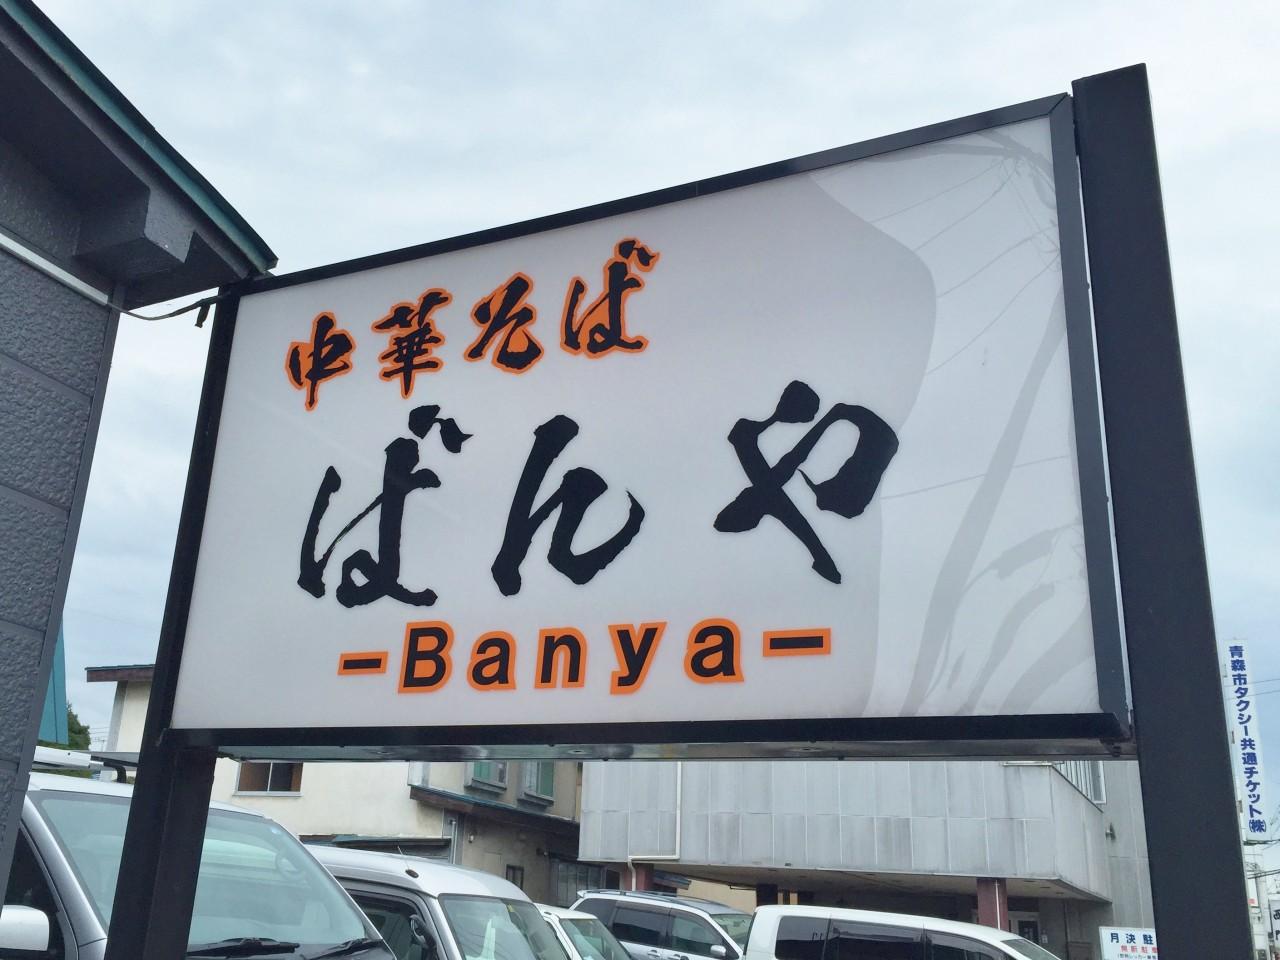 中華そば ばんや -Banya-